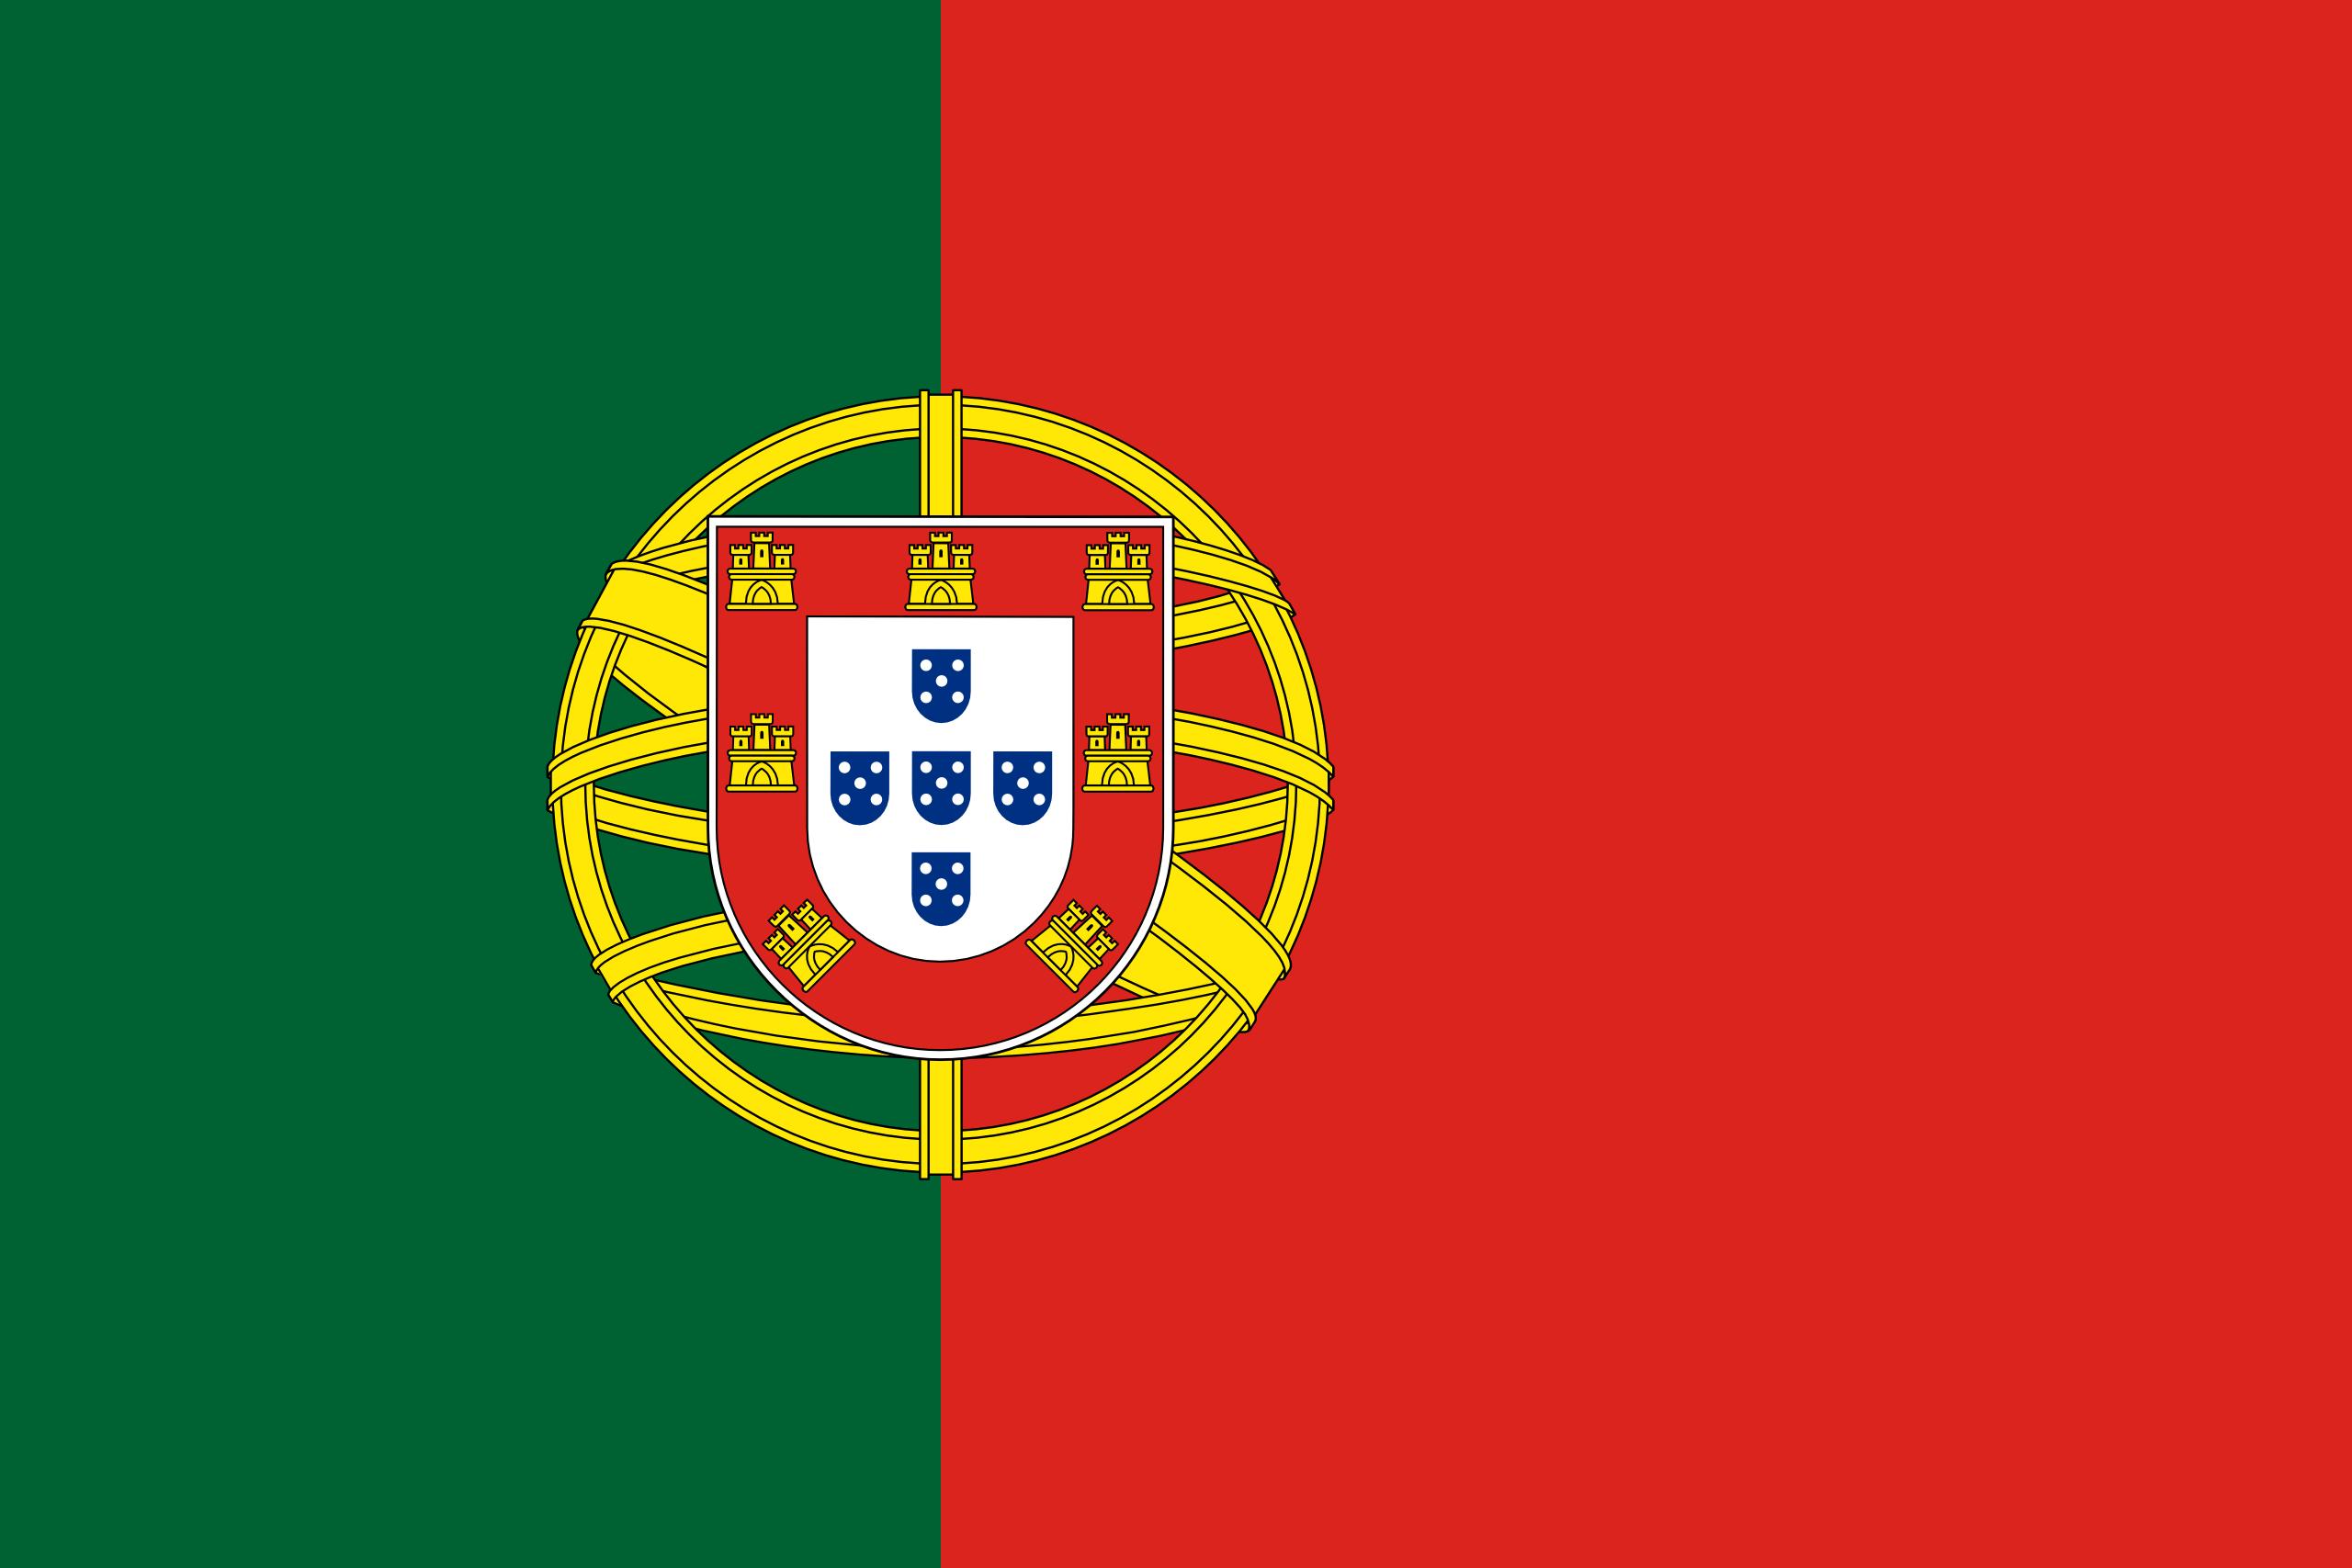 Portugal, Land, Emblem, Logo, Symbol - Wallpaper HD - Prof.-falken.com